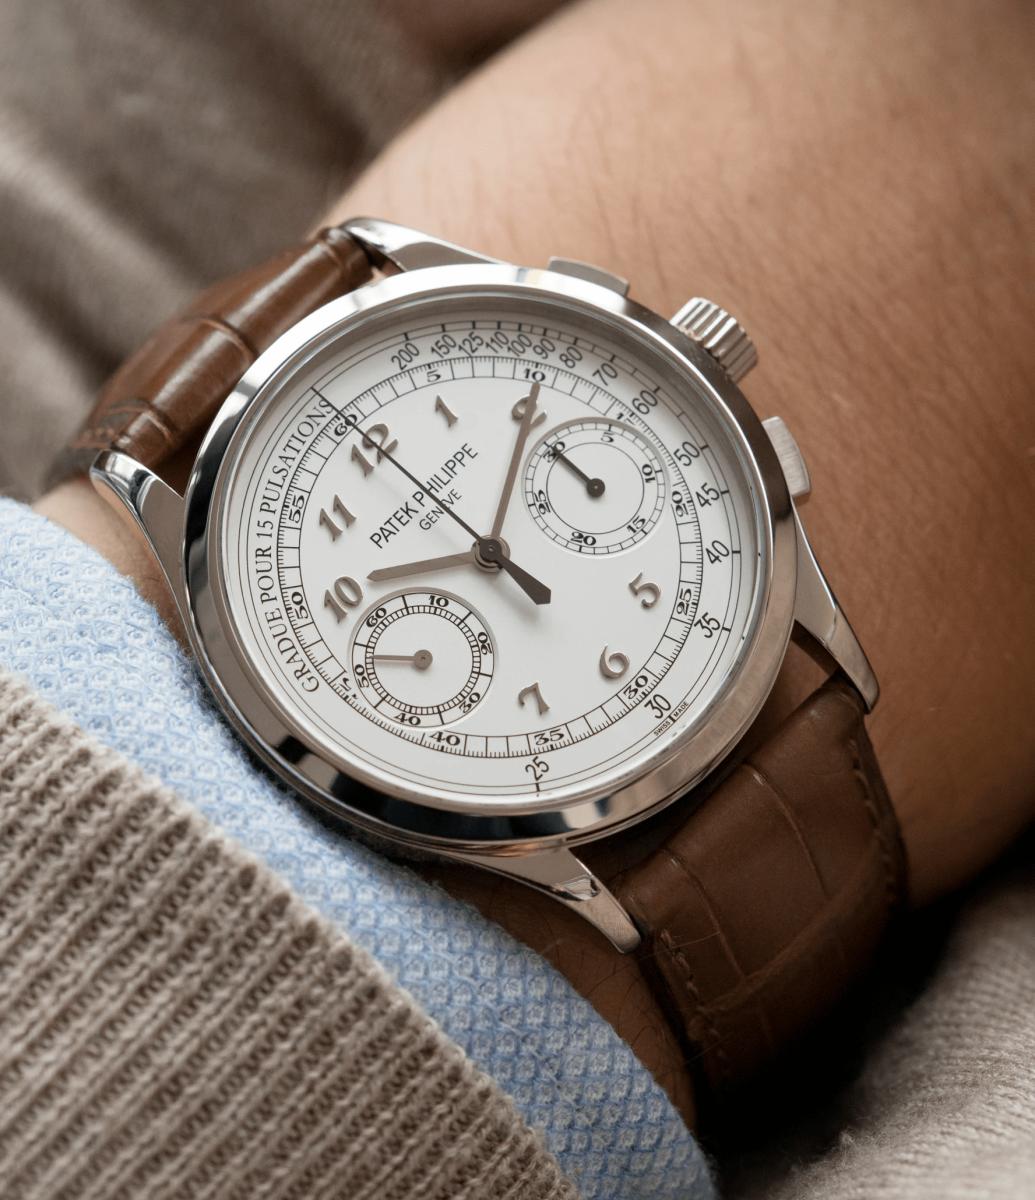 đồng hồ chronograph đo nhịp tim pulsometer là gì và cách sử dụng